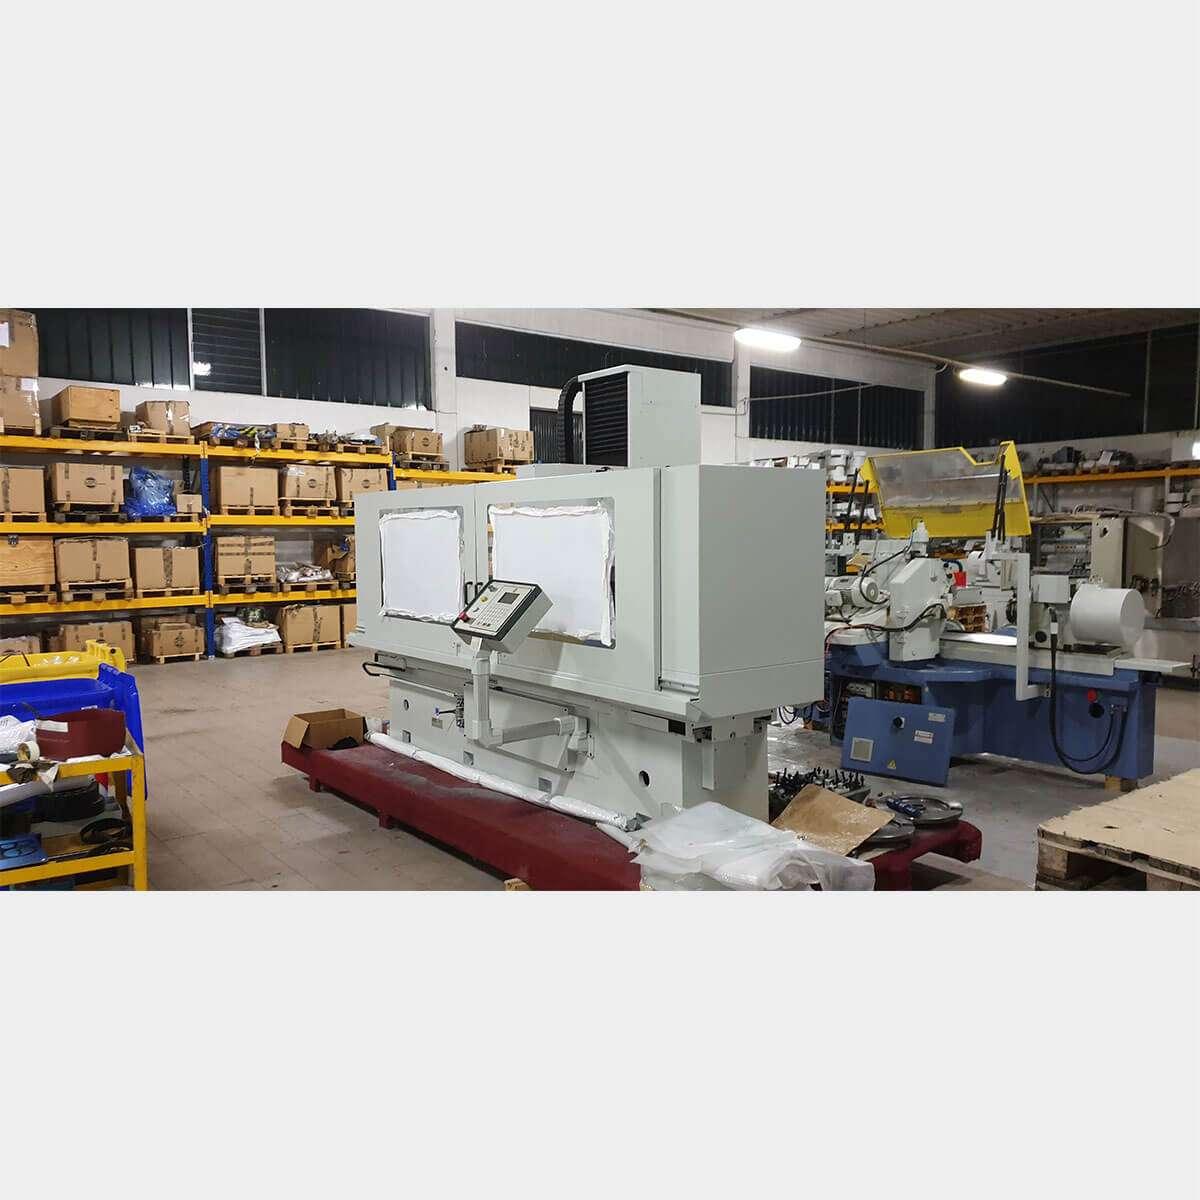 BERCO SMG2000 Spianatrice Testate Usata